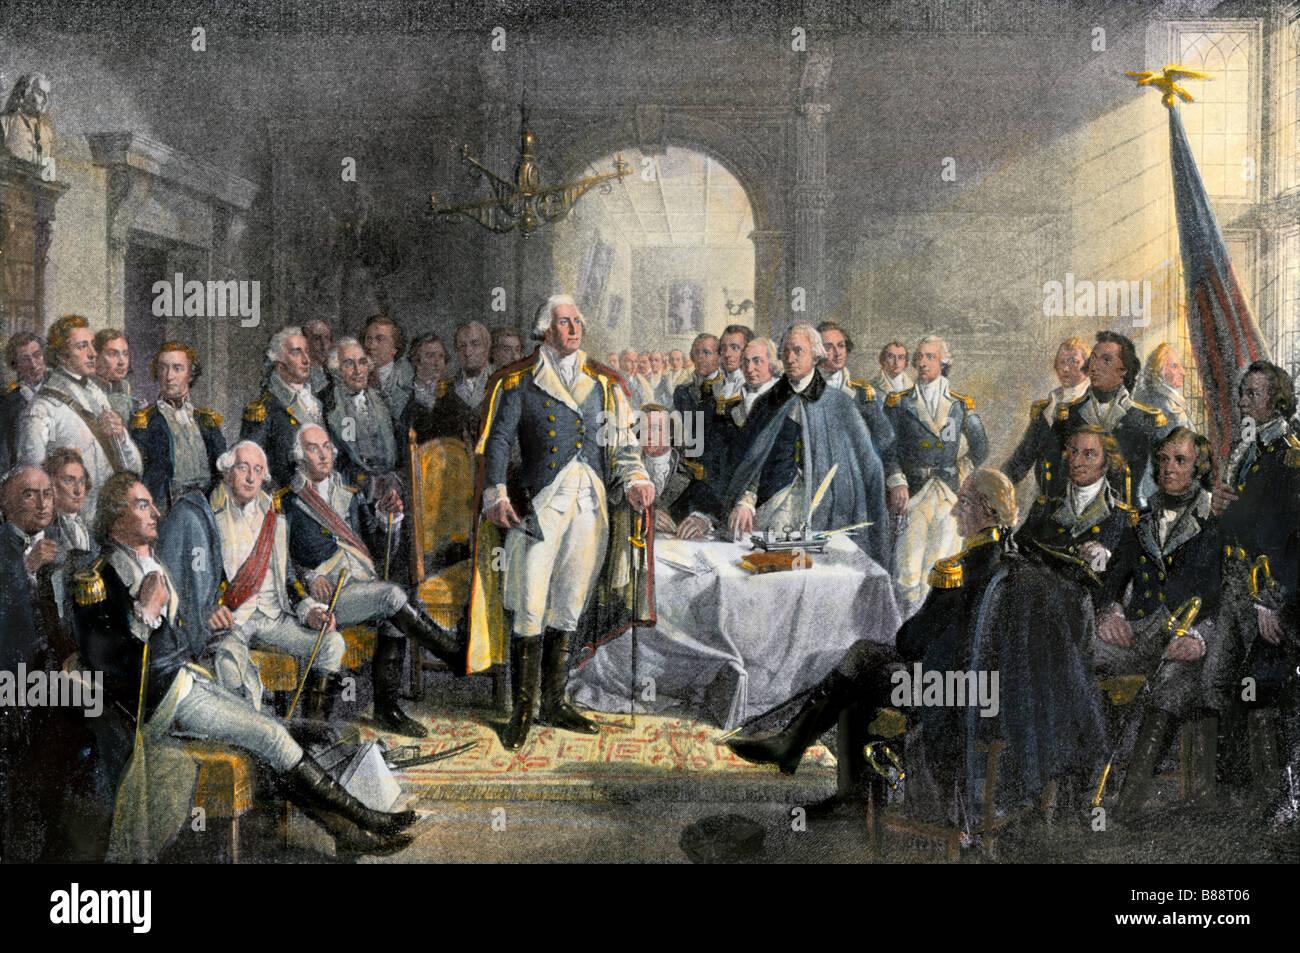 George Washington und seine Generäle während der Amerikanischen Revolution. Hand - farbige Gravur Stockbild